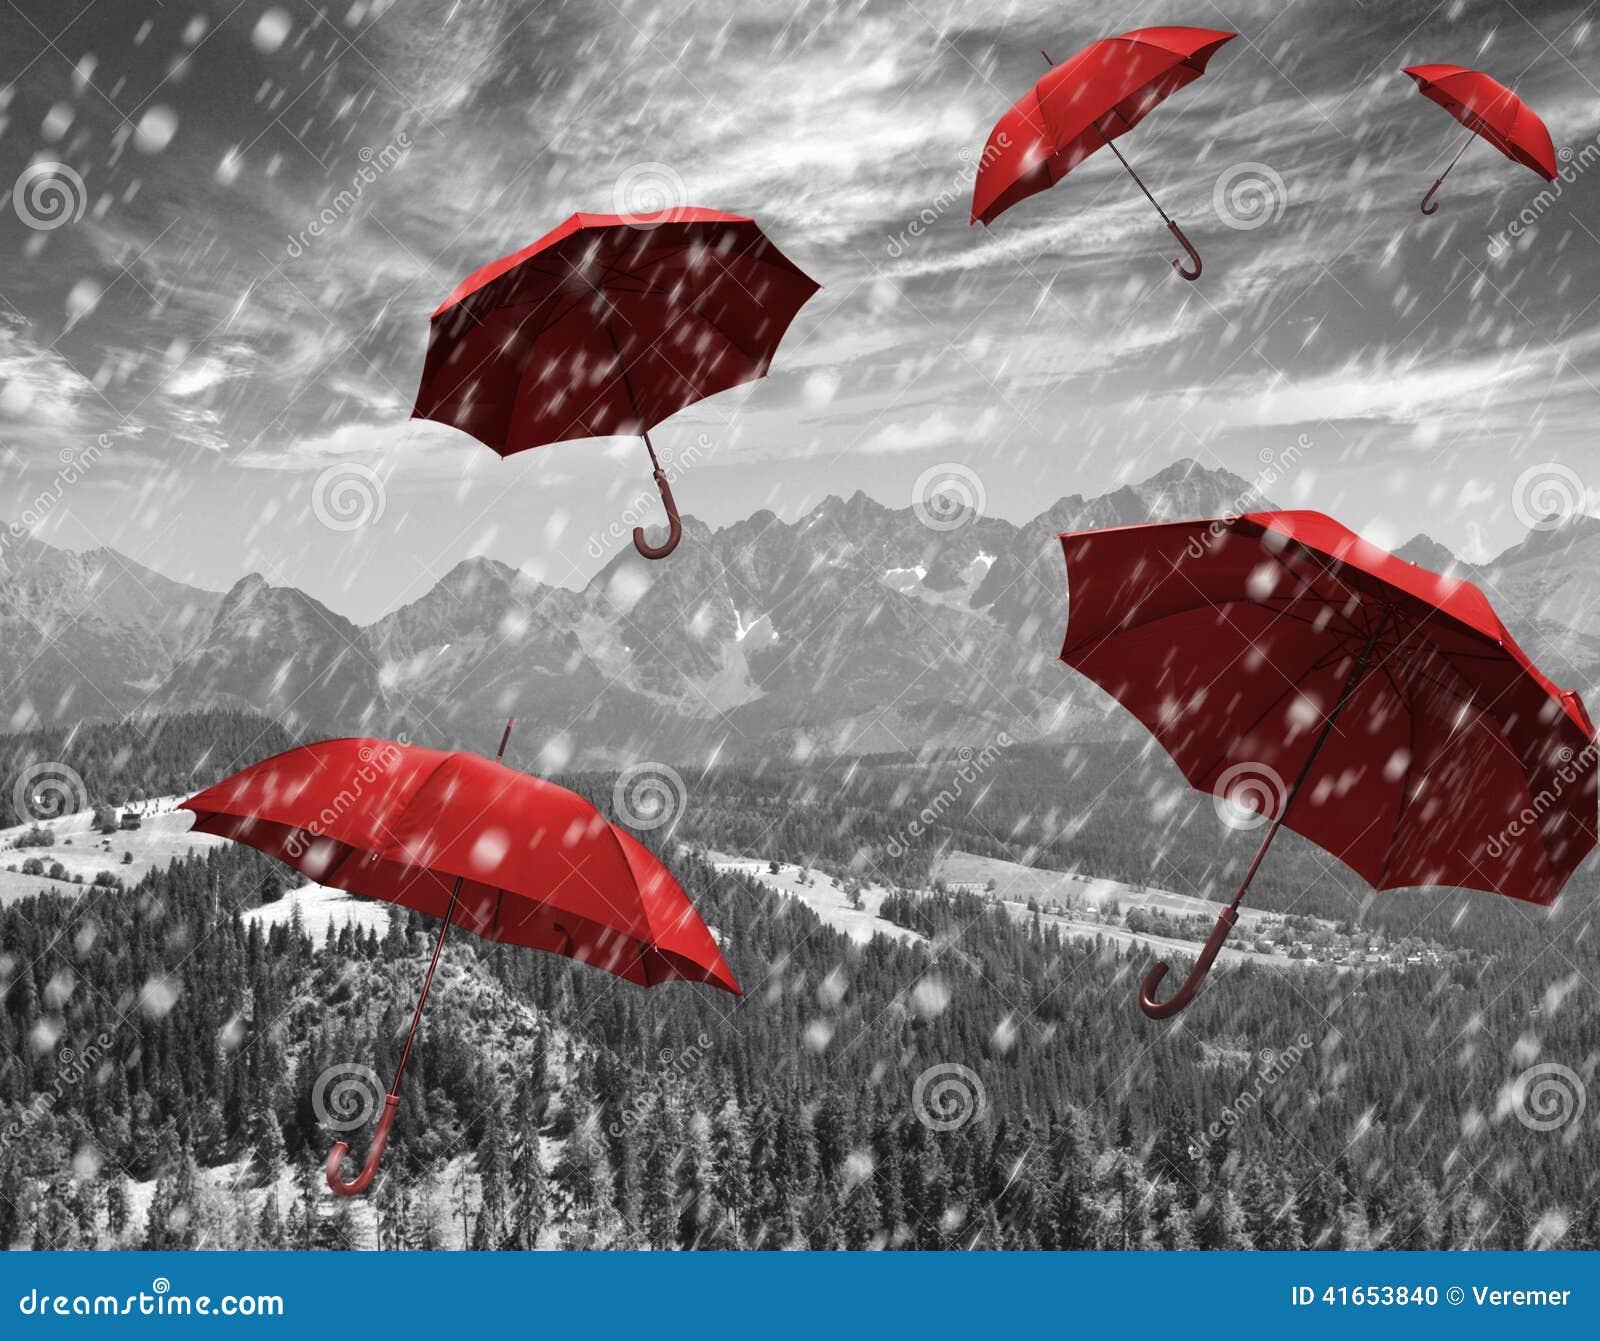 Красные зонтики летая в горах во время шторма